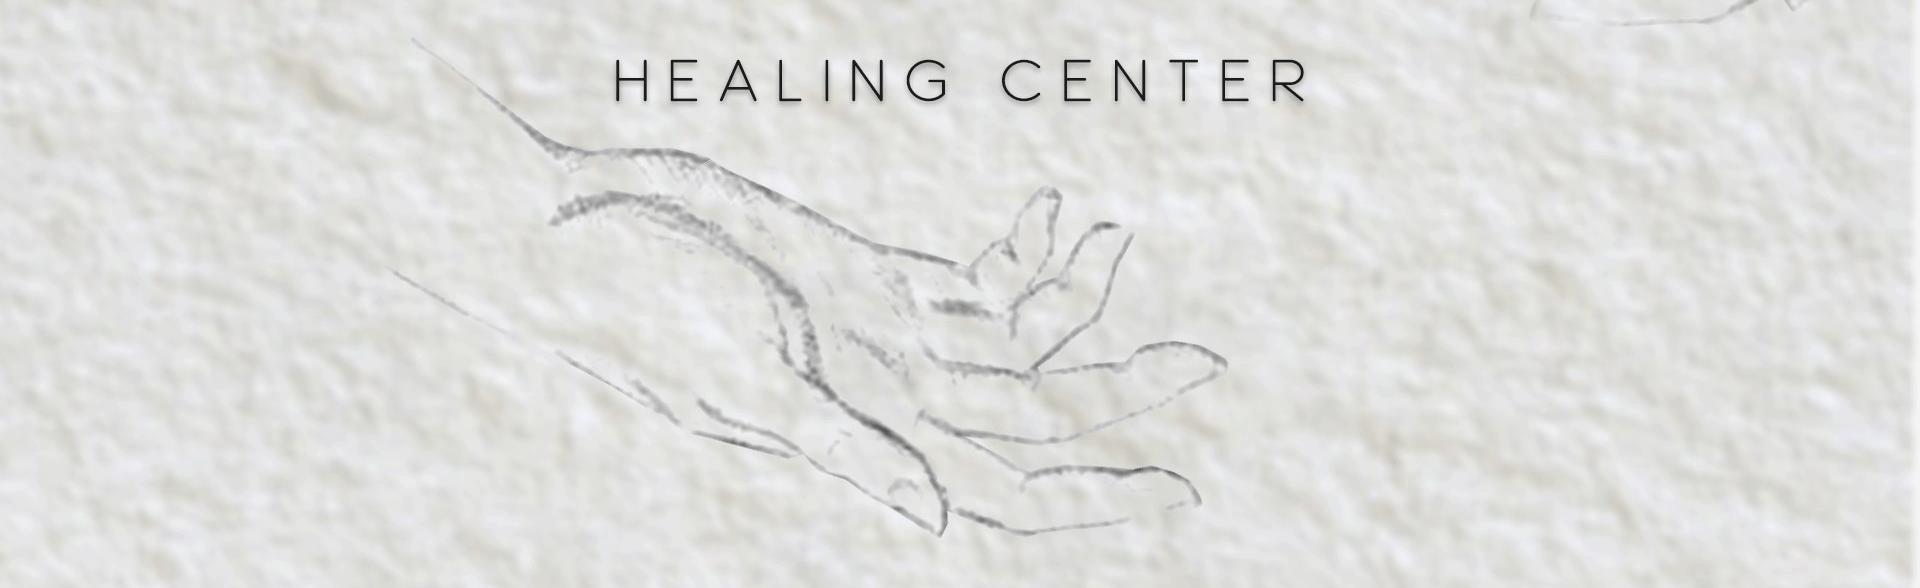 Healing Center long 20-02